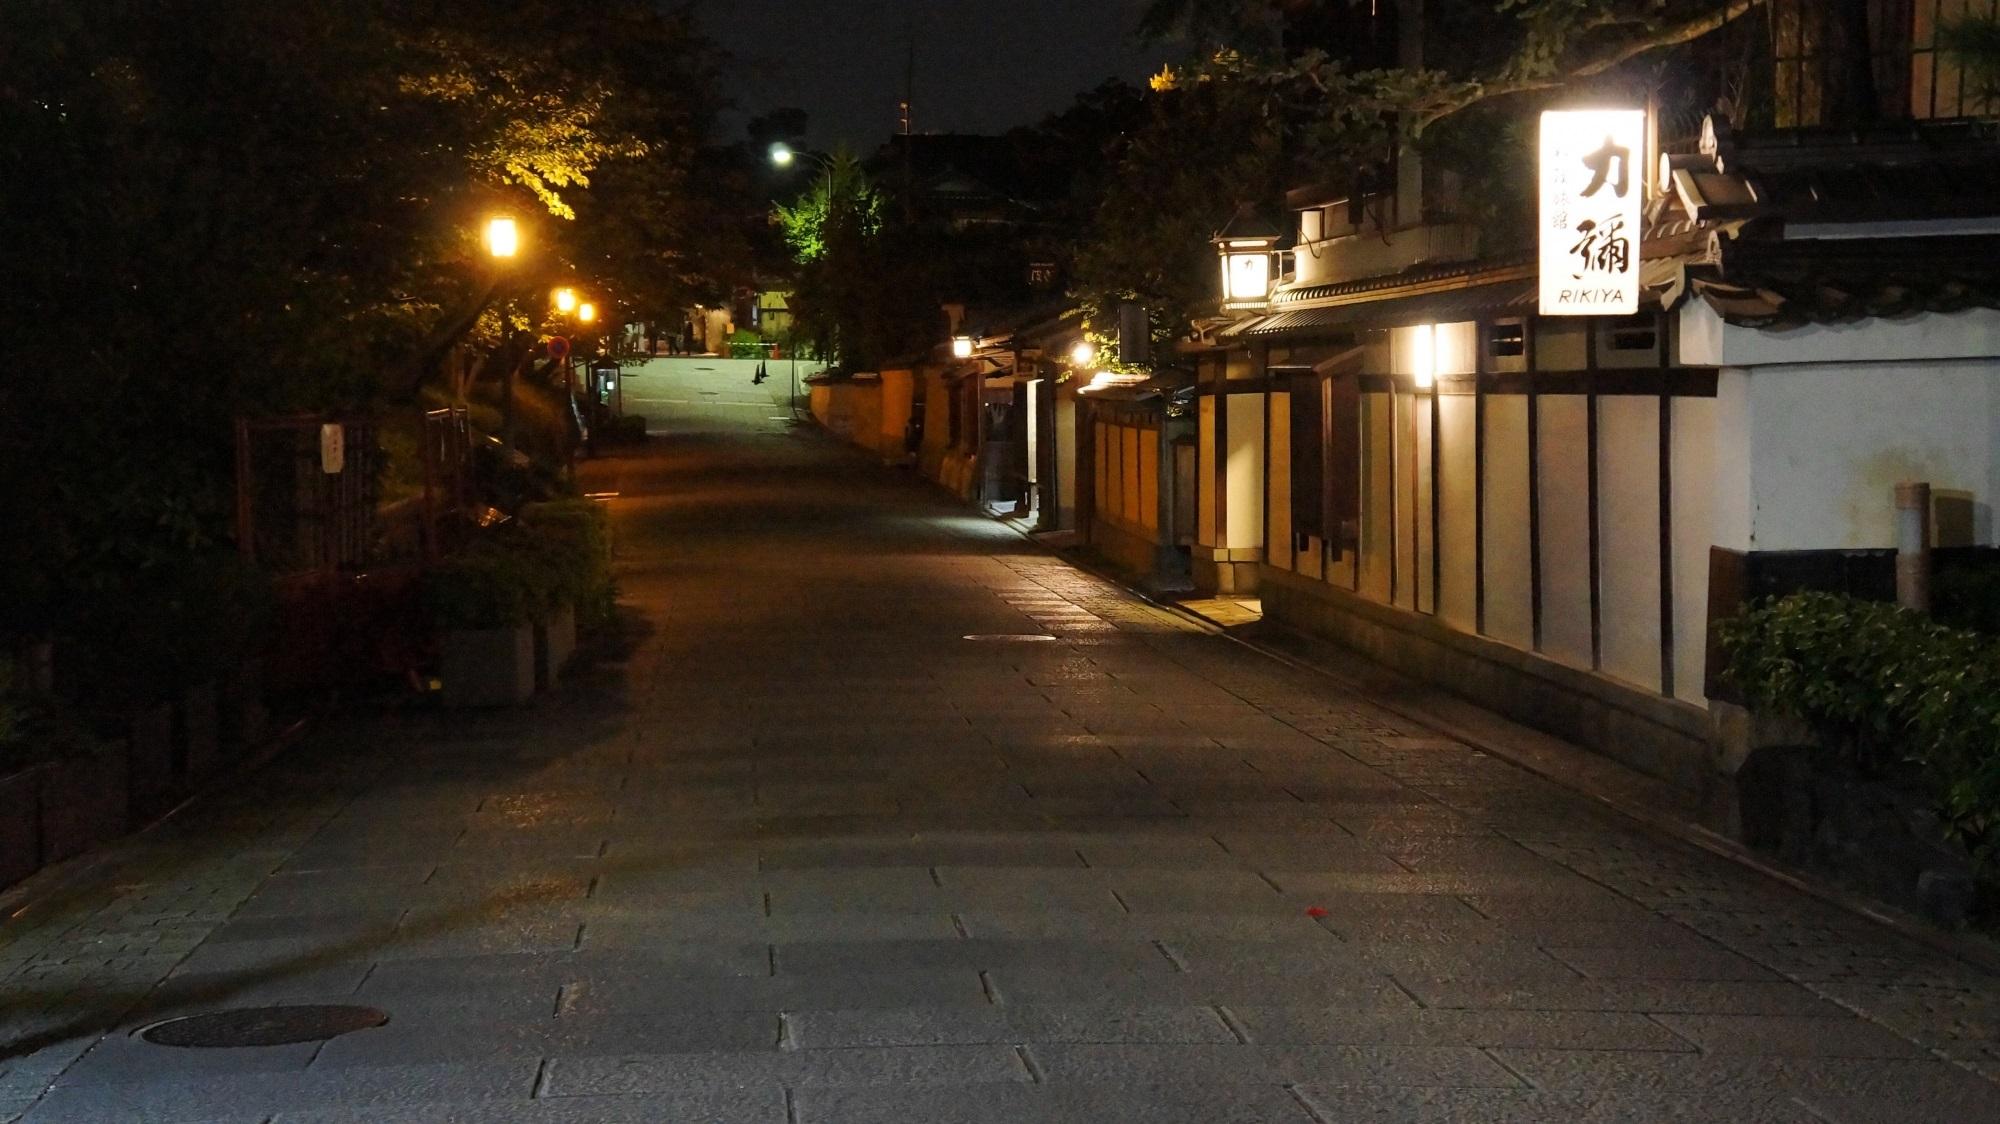 ねねの道・石塀小路 夜景 情緒ある夜の道